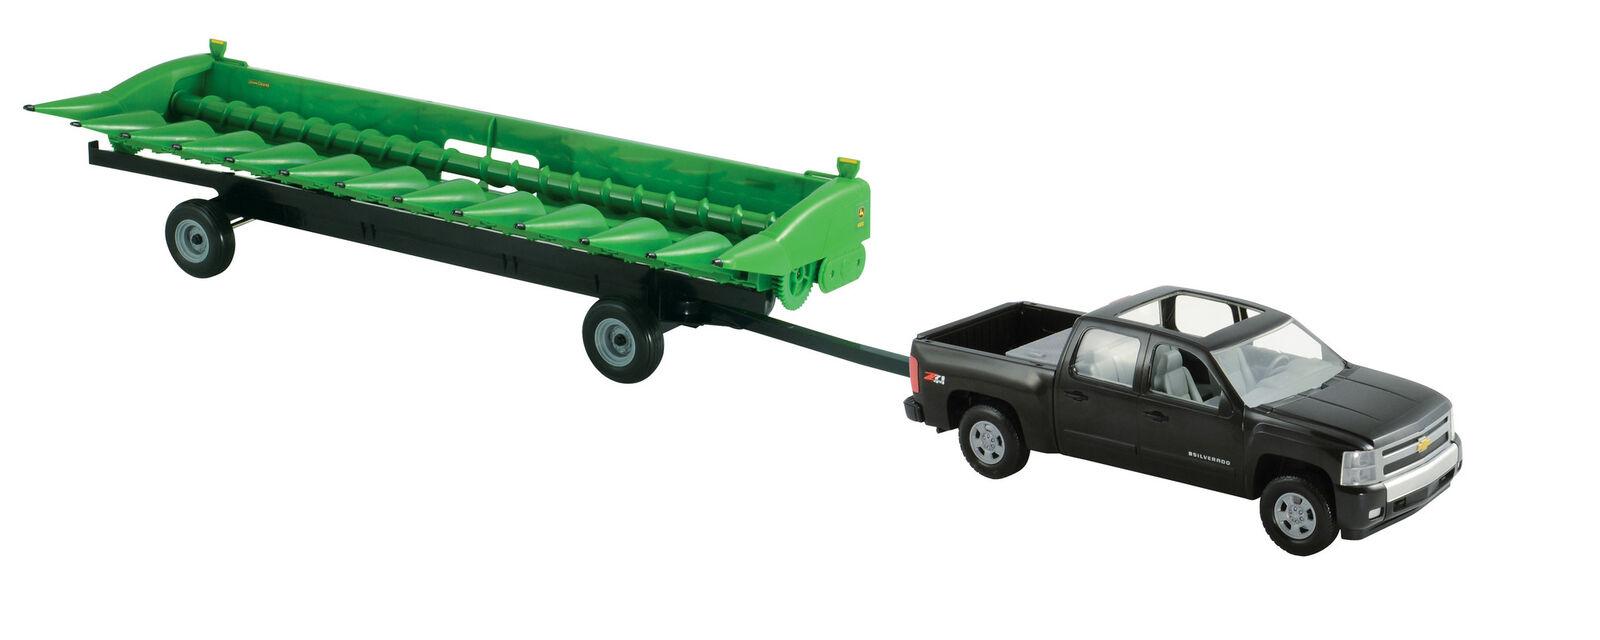 ordene ahora los precios más bajos Ertl Granja Escala 1 16 Chevy Pickup Pickup Pickup Grande con Cabeza de maíz John Deere 612C & Cochero de encabezado  seguro de calidad